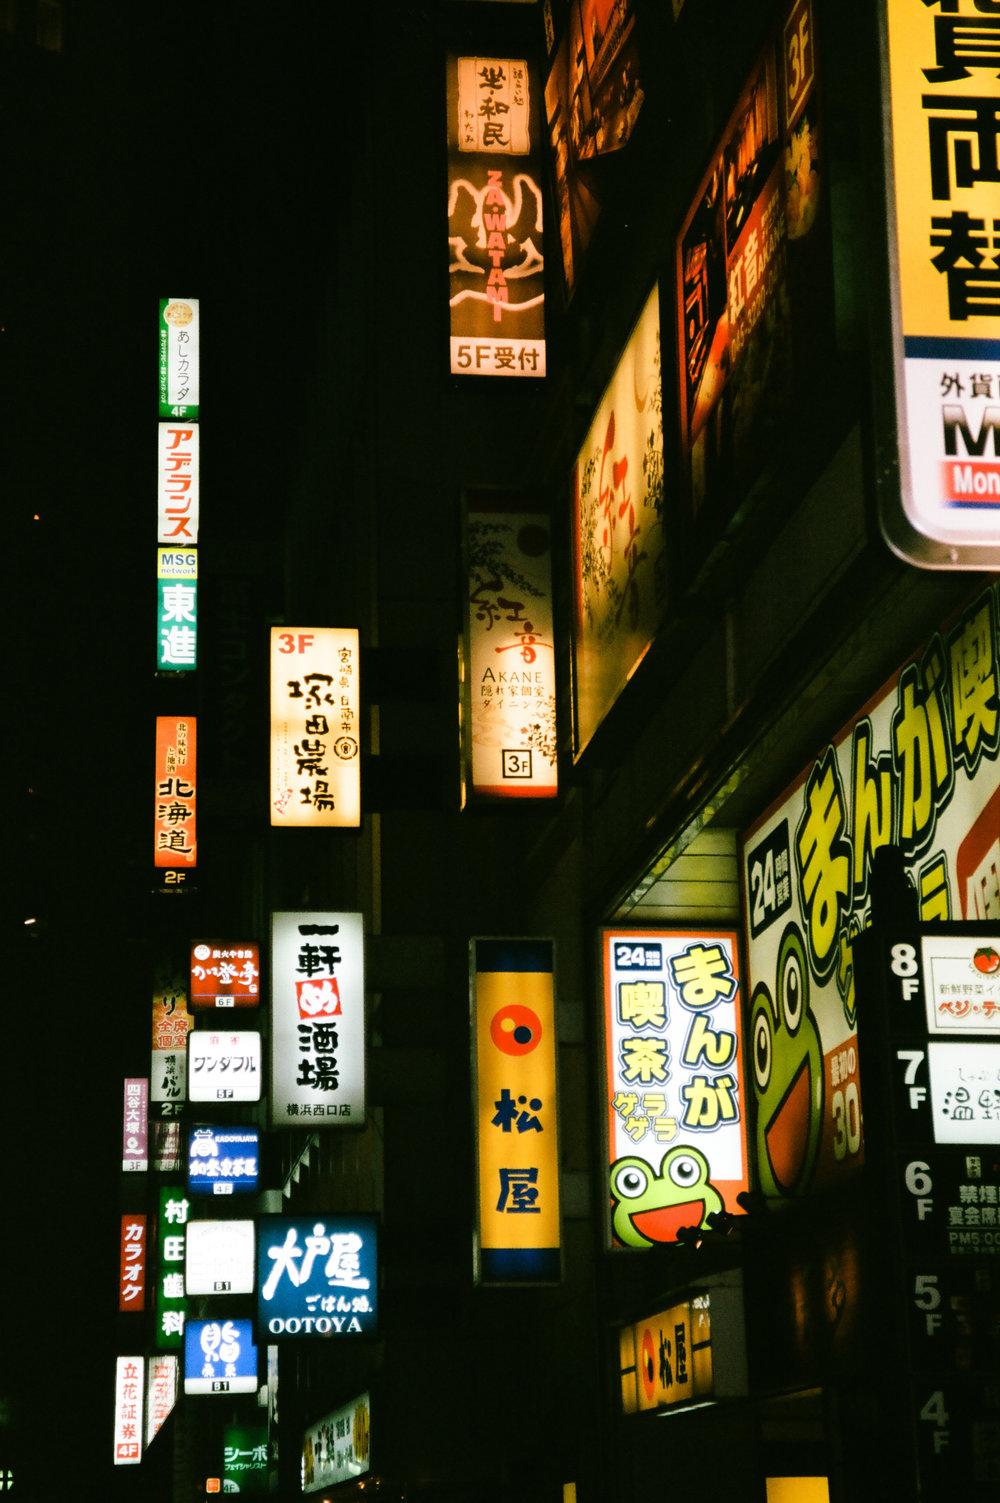 161106__Tokyo2016_043.jpg